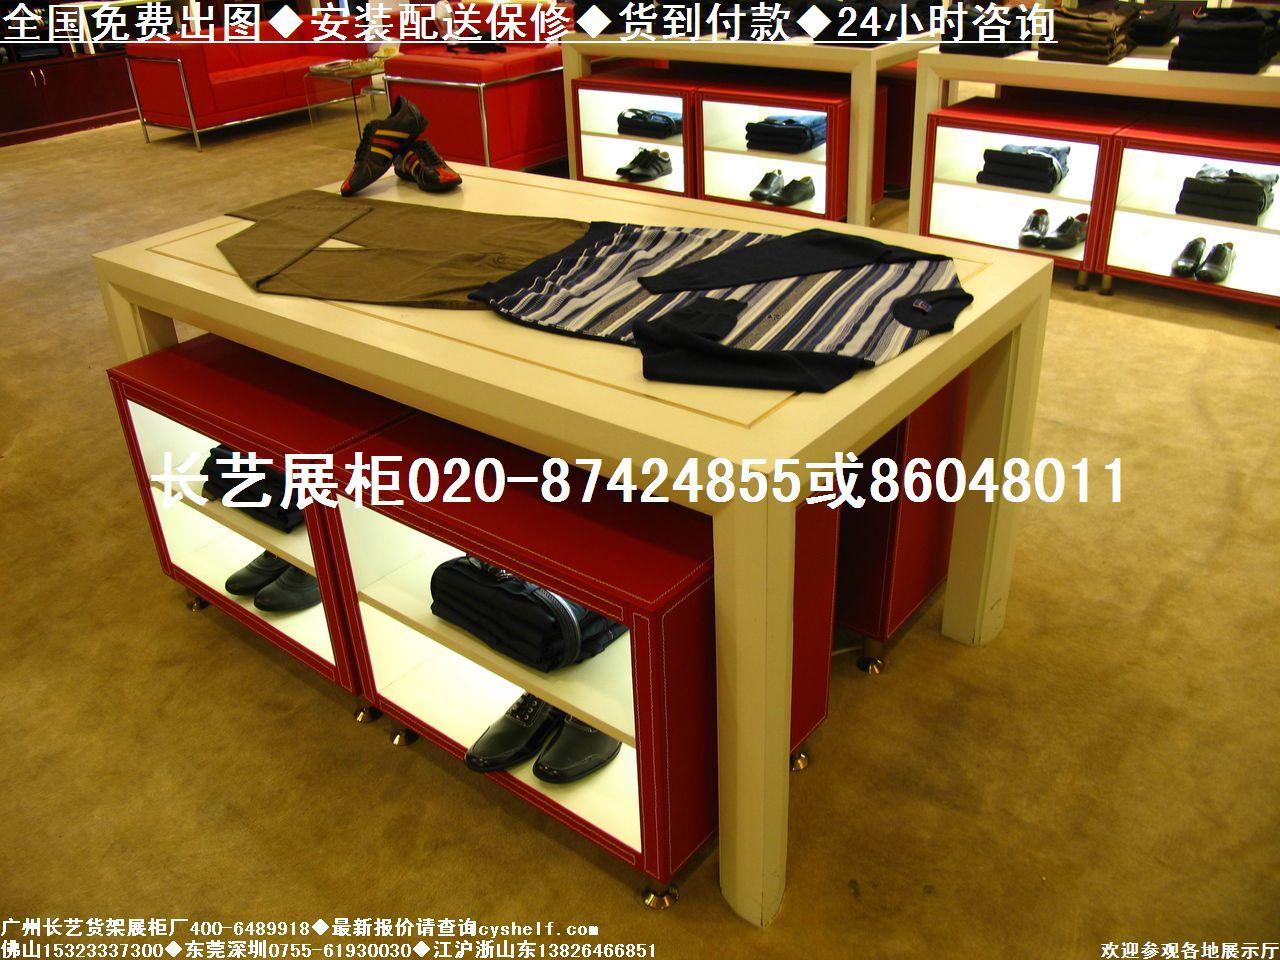 ███展柜效果图/欧式服装展柜图片/儿童服装展柜